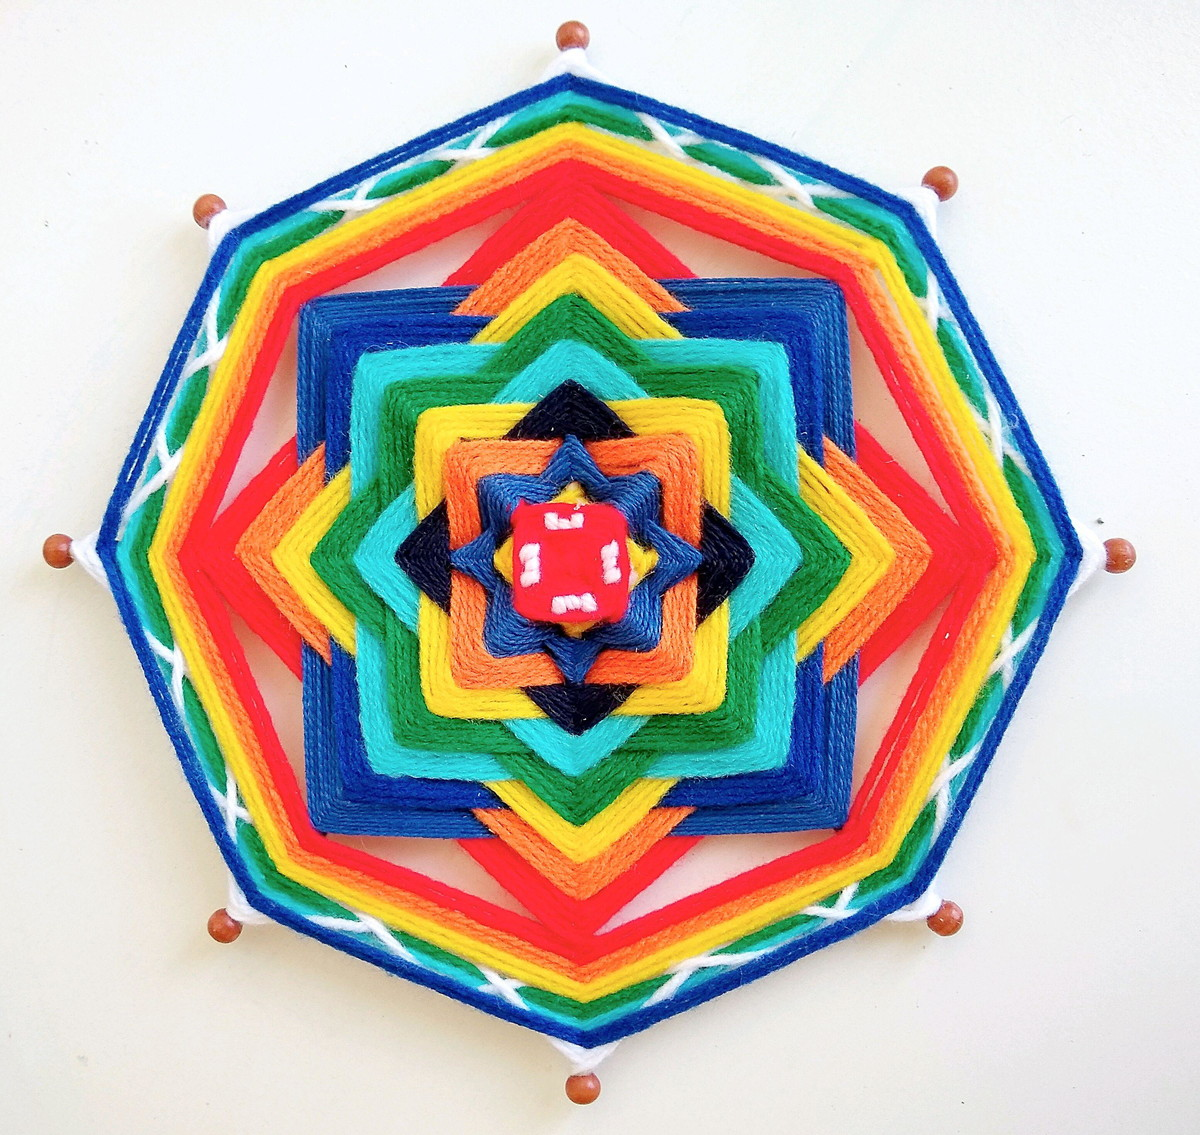 Resultado de imagem para mandala arco iris coronario